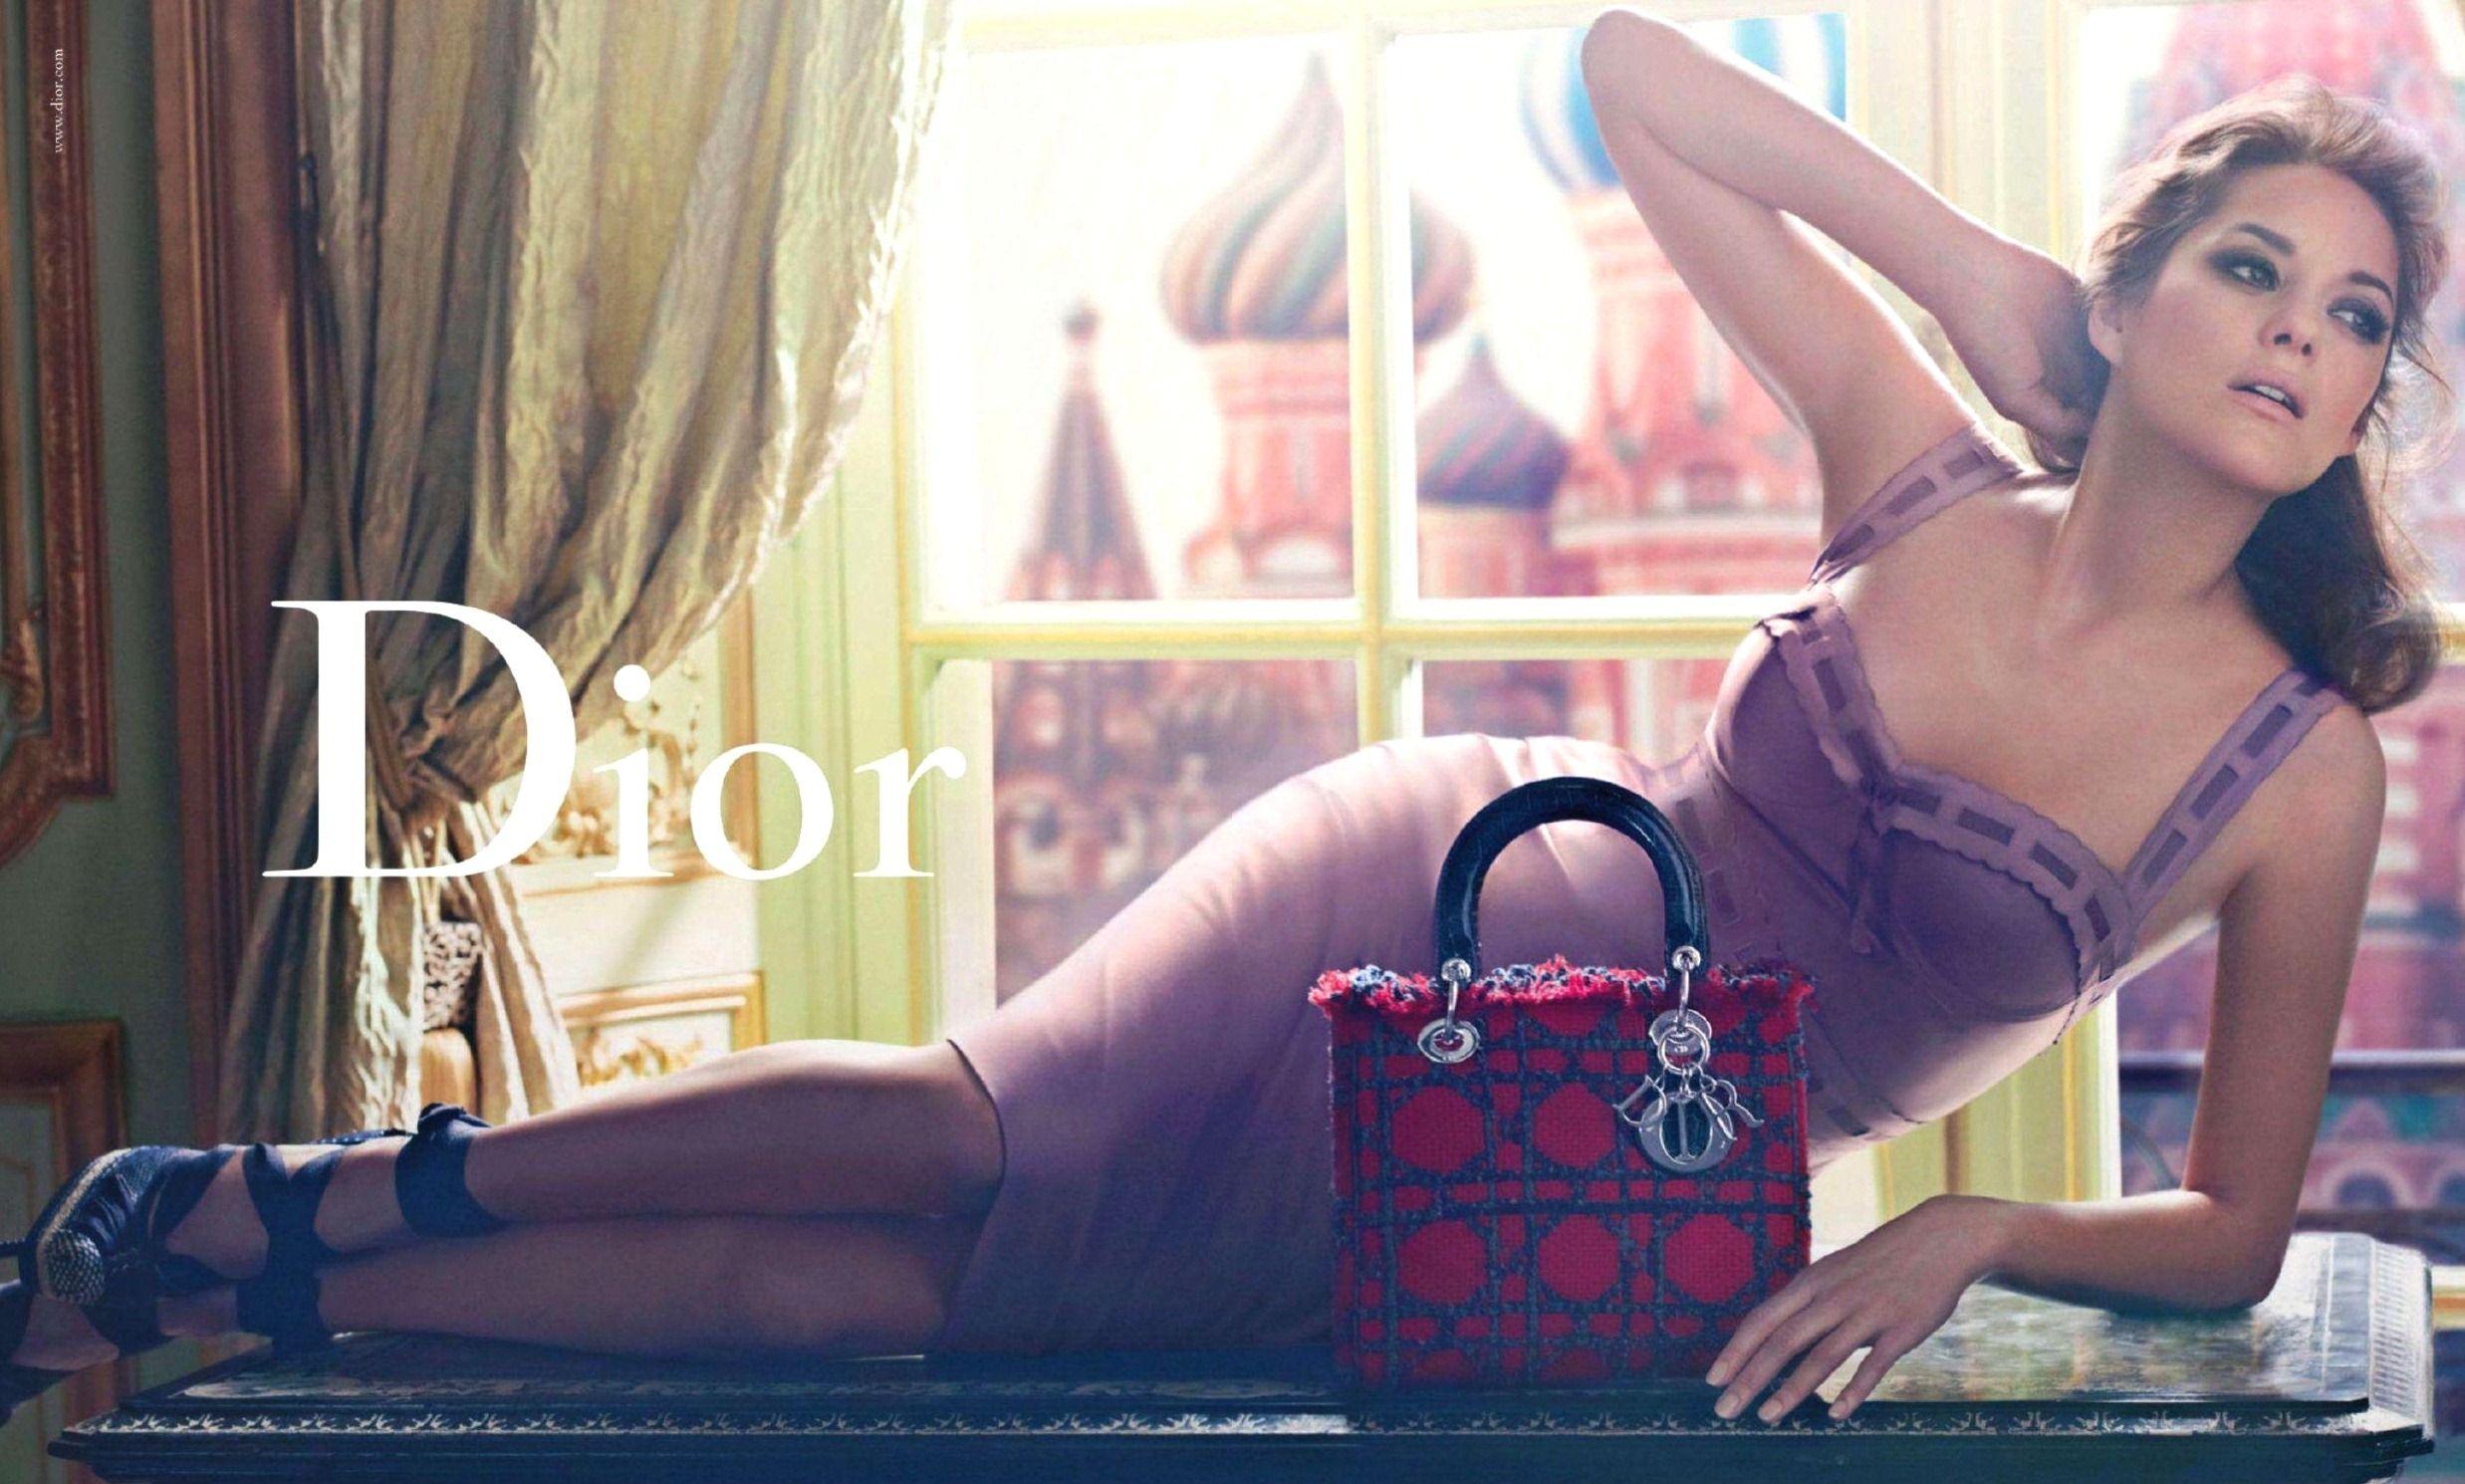 Dior E 2011 Marion Cotillard Moscou St Basile Craig McDean